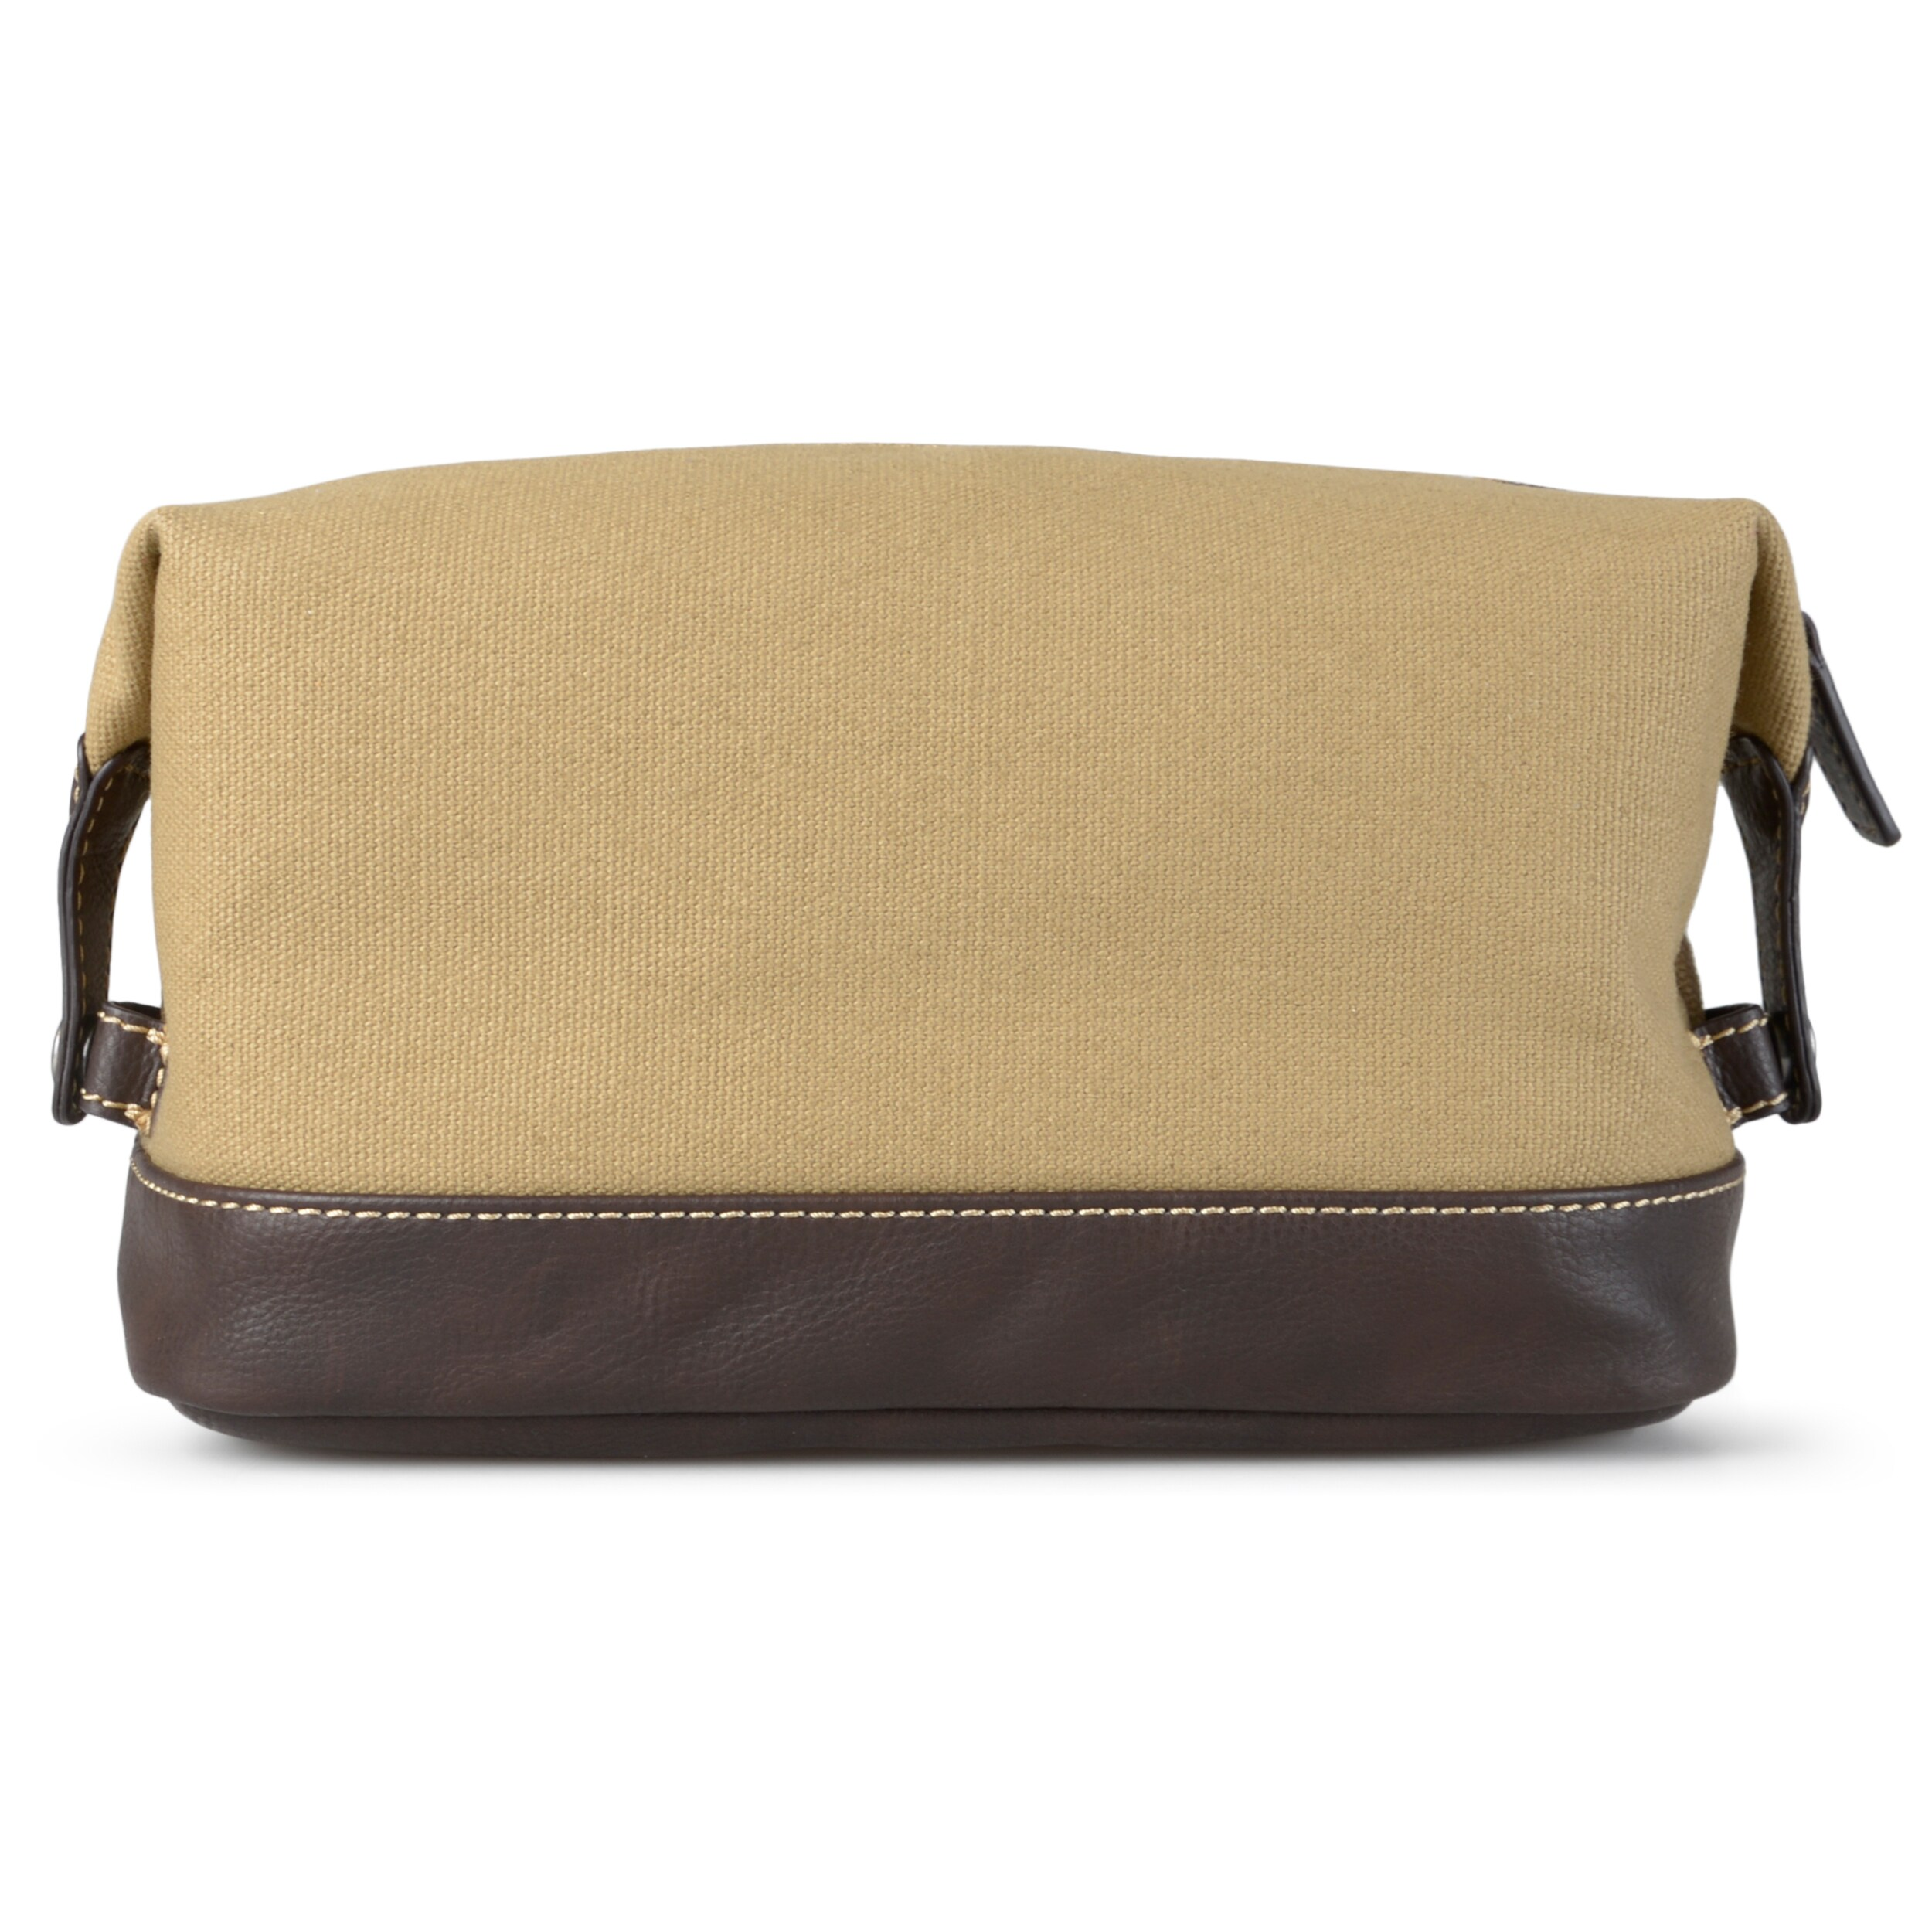 54e253328e Shop Tommy Bahama Men s Toiletry Kit Dopp Bag - Free Shipping Today -  Overstock - 11634391